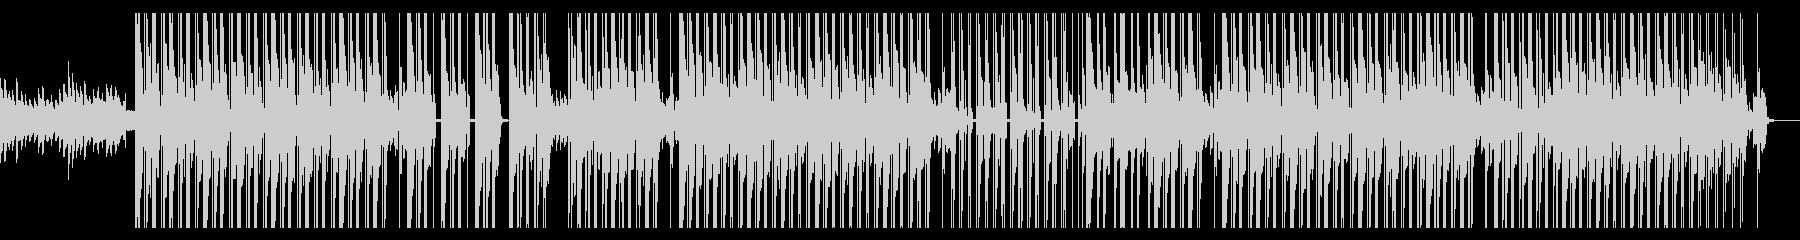 ダークで悲しい闇社会なピアノヒップホップの未再生の波形